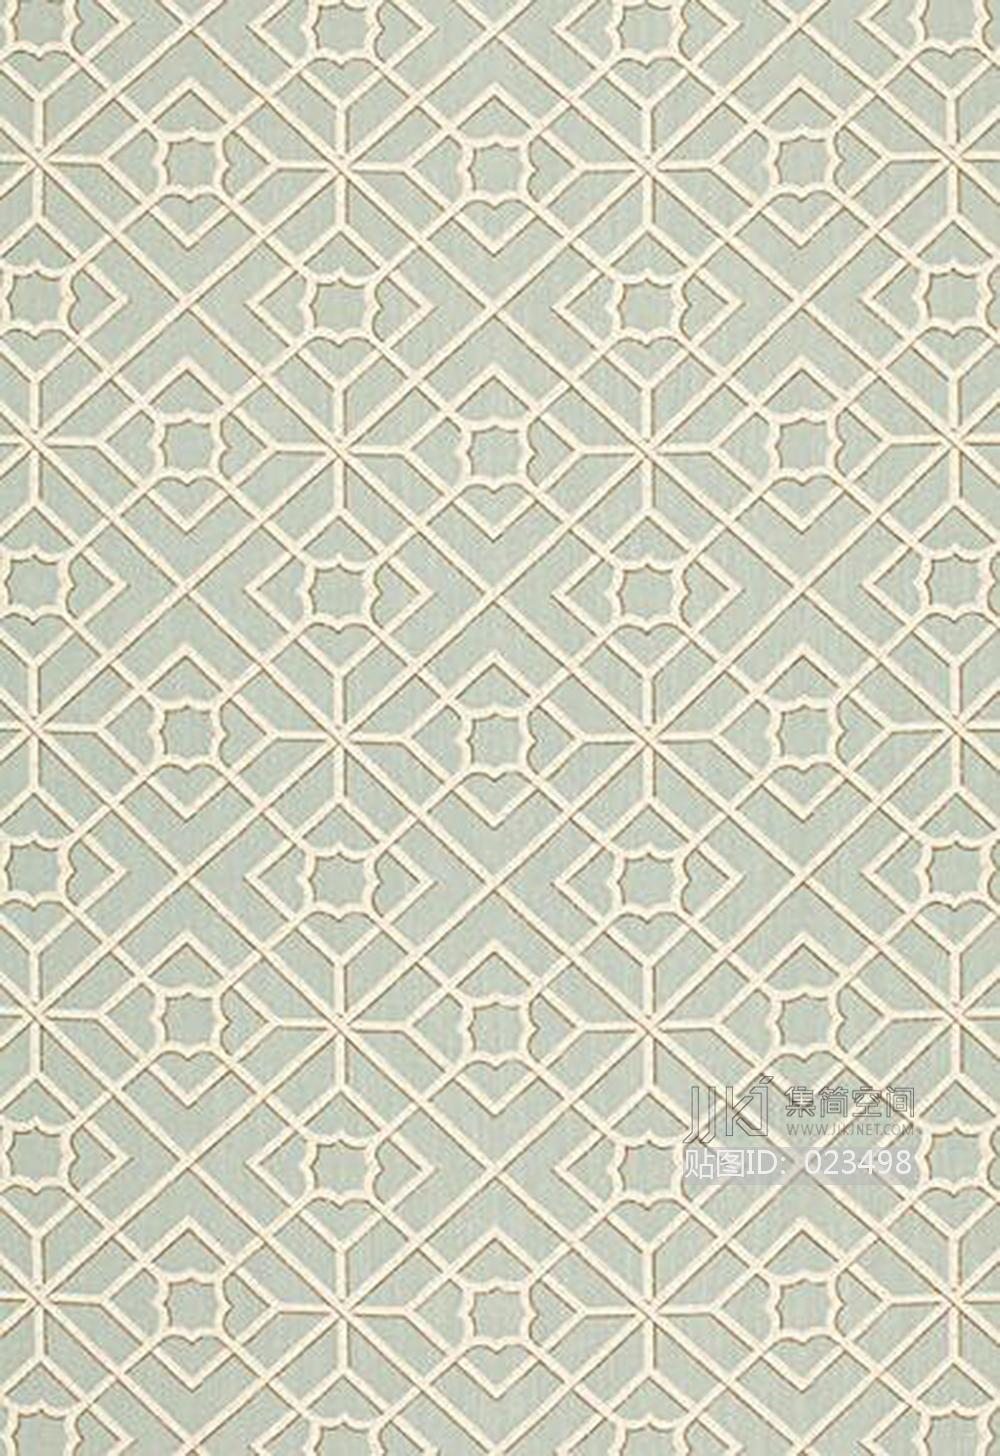 新中式古典花纹纹样图案地毯贴图 (64)[模型id:023498]